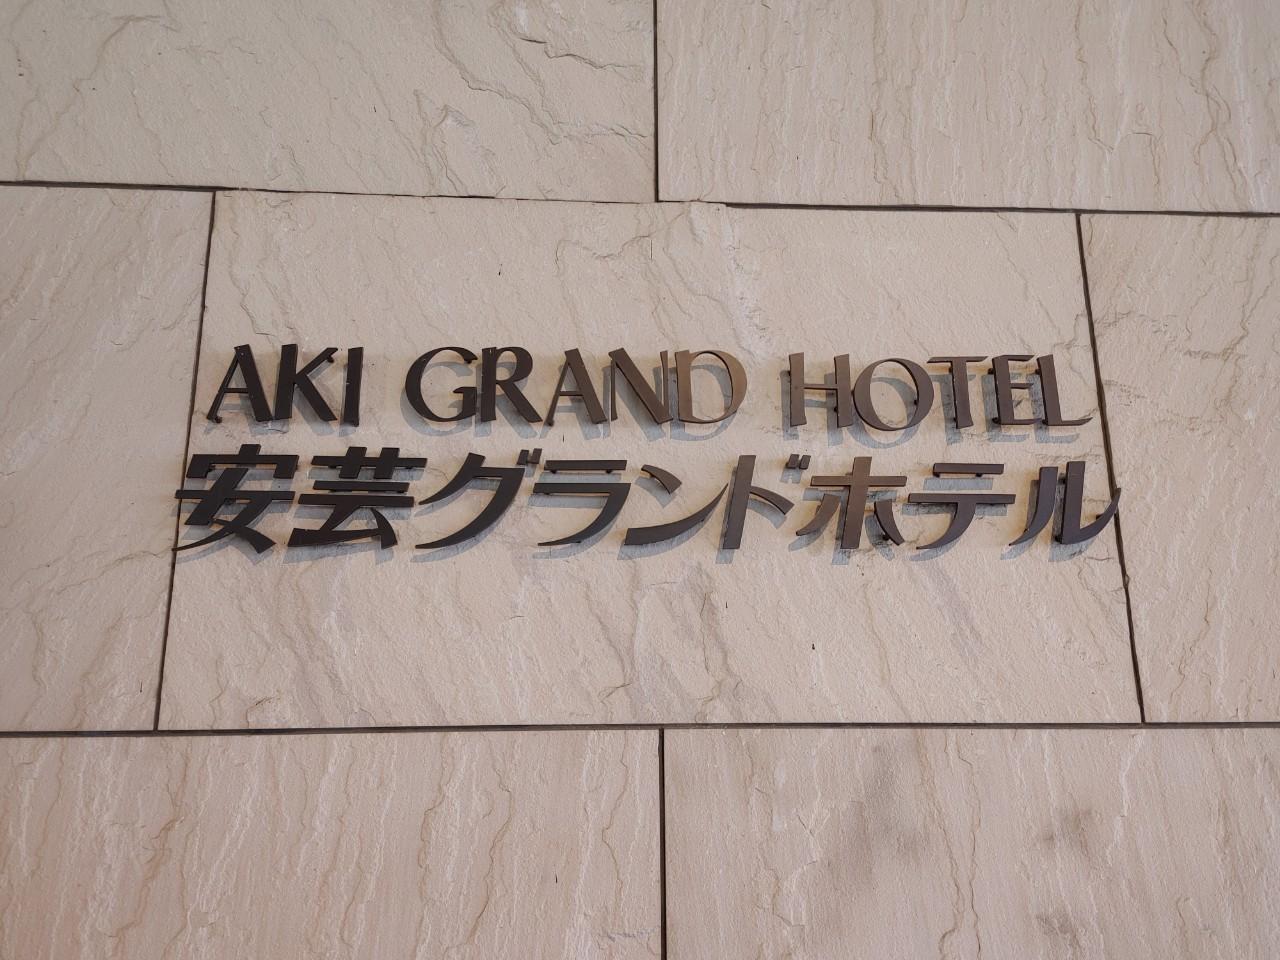 ワーケーションで使用したホテル